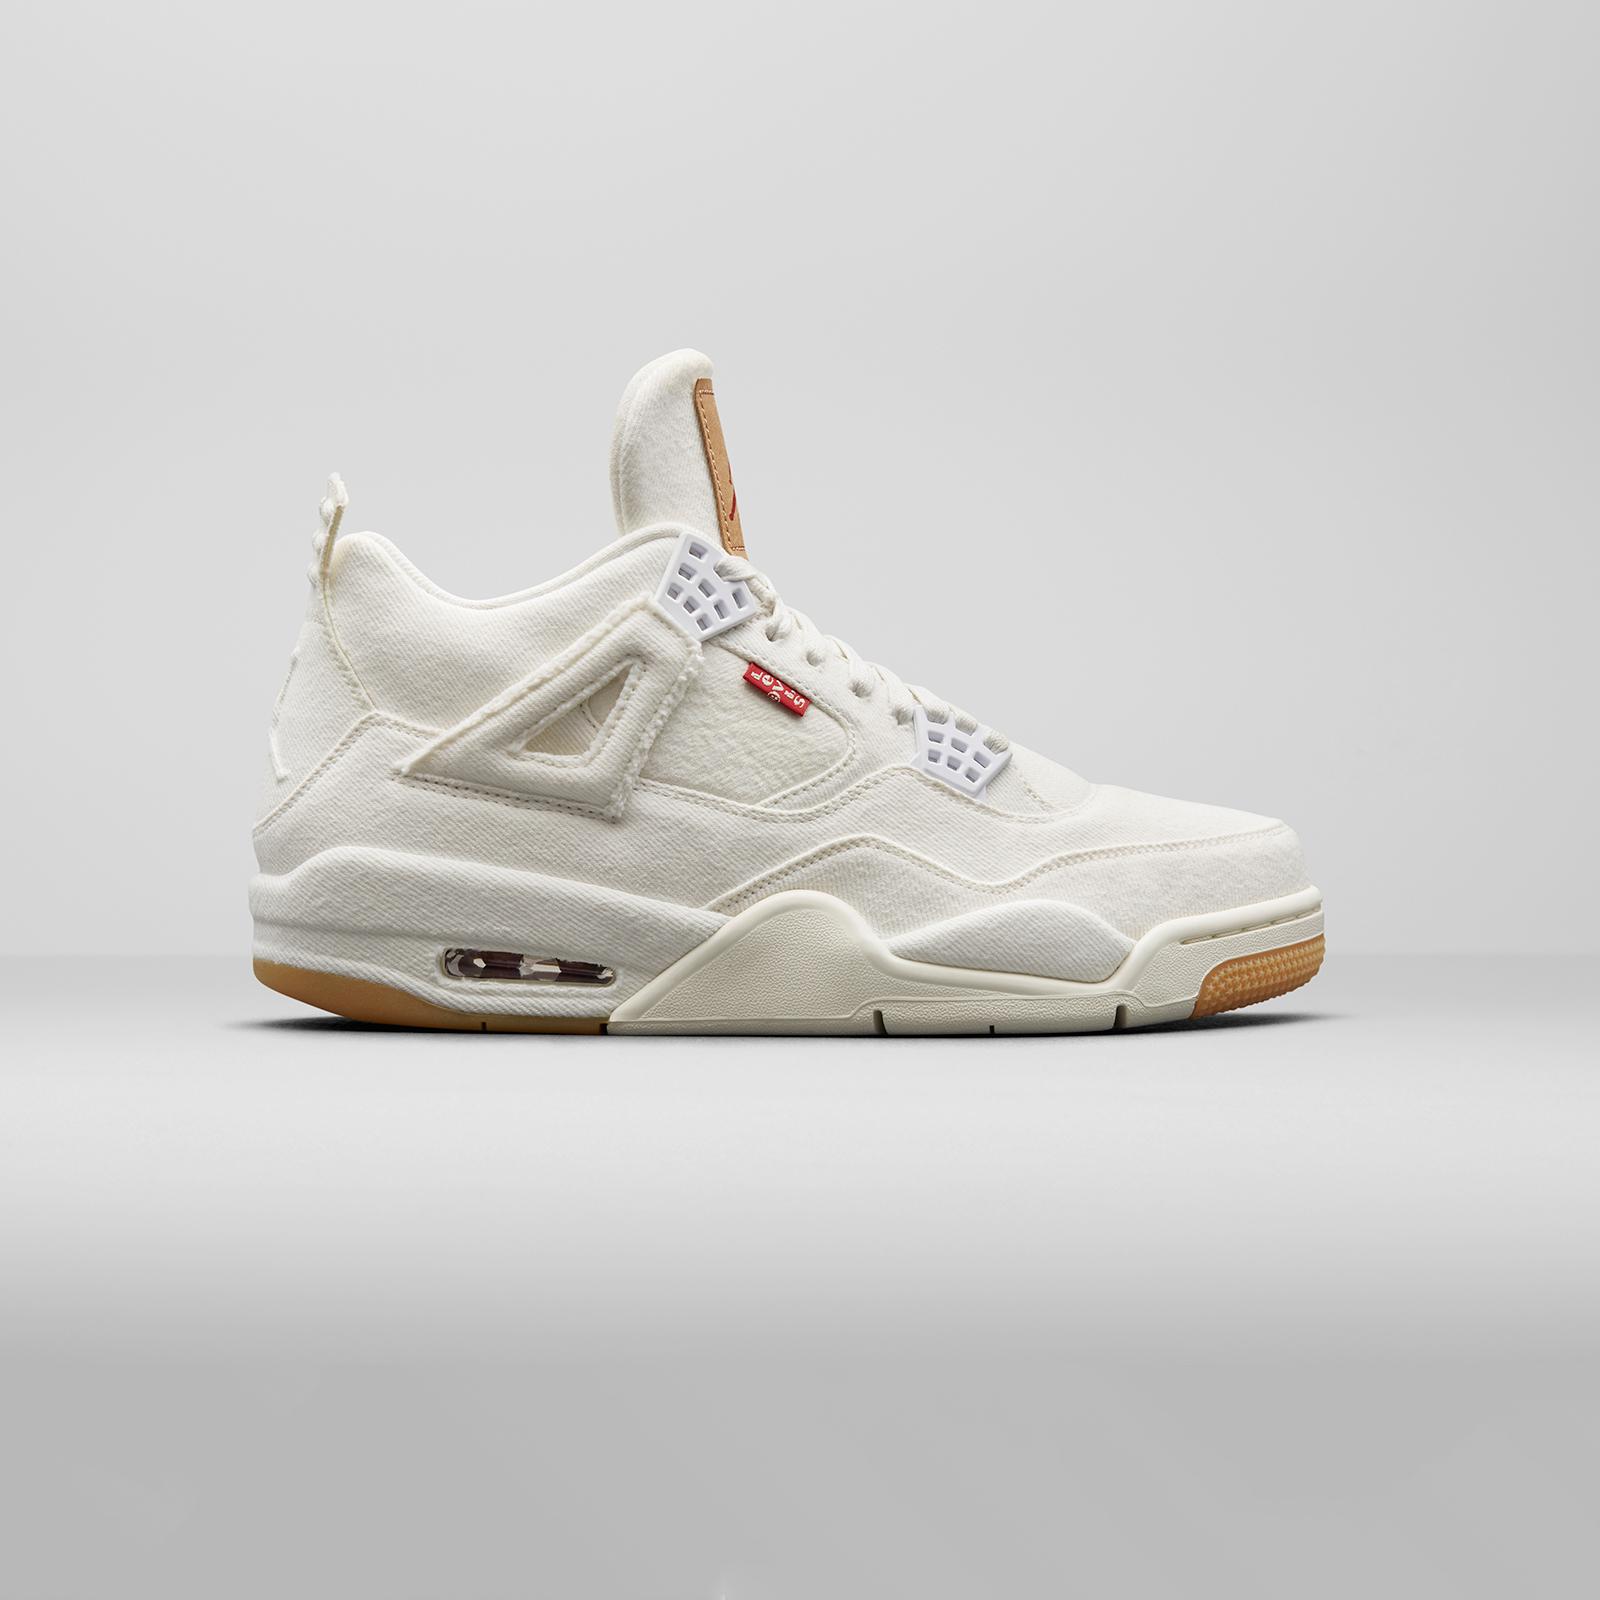 ee815cfec4245 Jordan Brand Air Jordan 4 Retro Levis NRG - Ao2571-100 ...